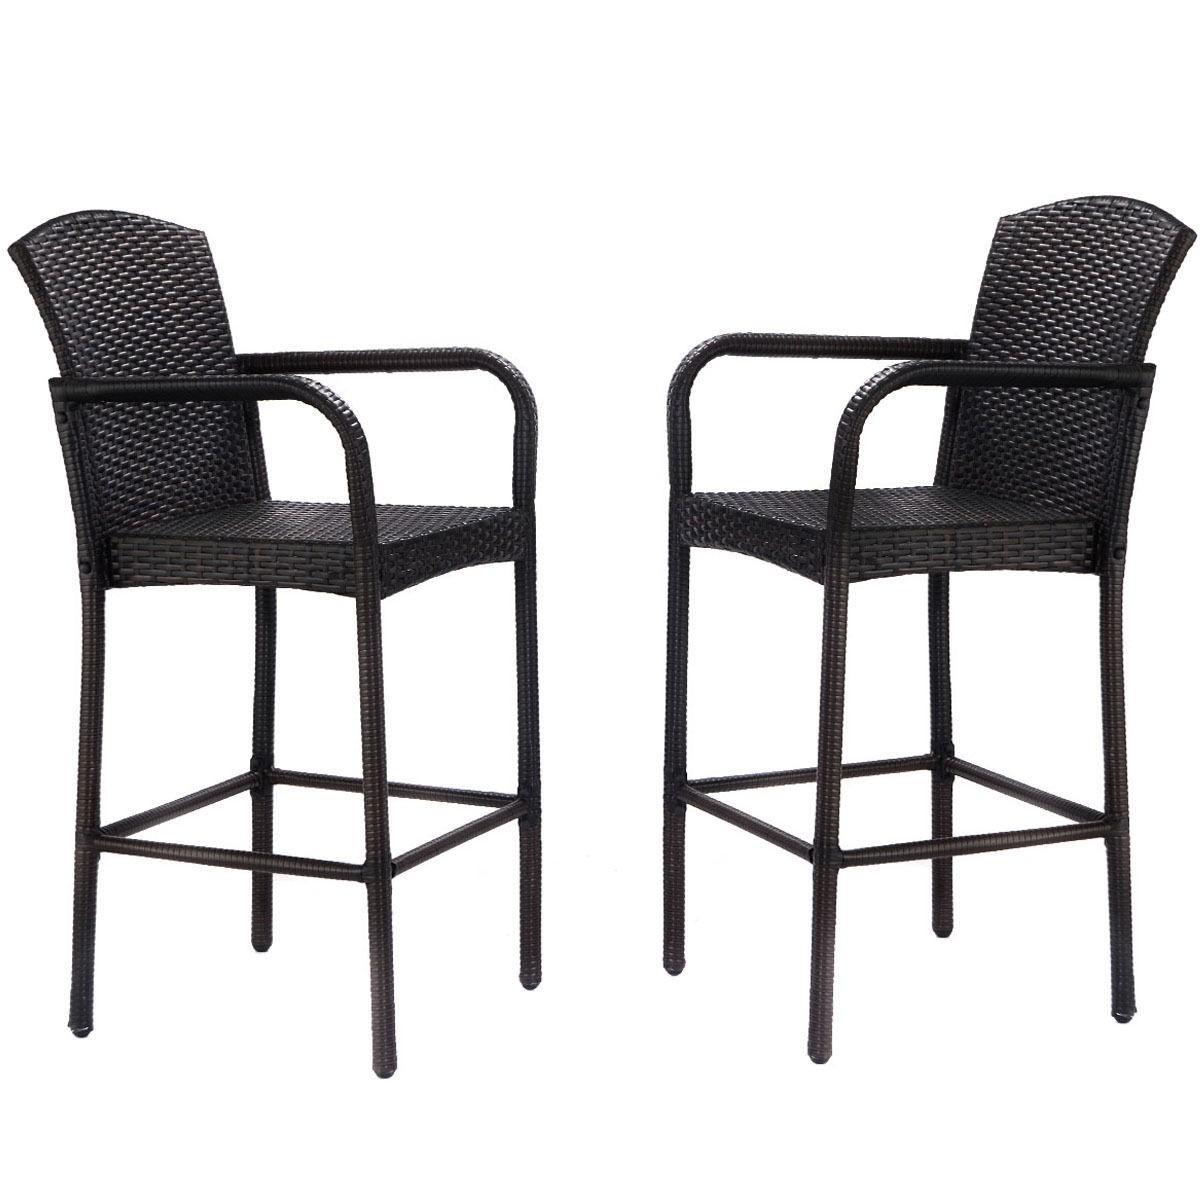 2 Pcs Rattan Wicker Bar Stool Armrest High Counter Chair